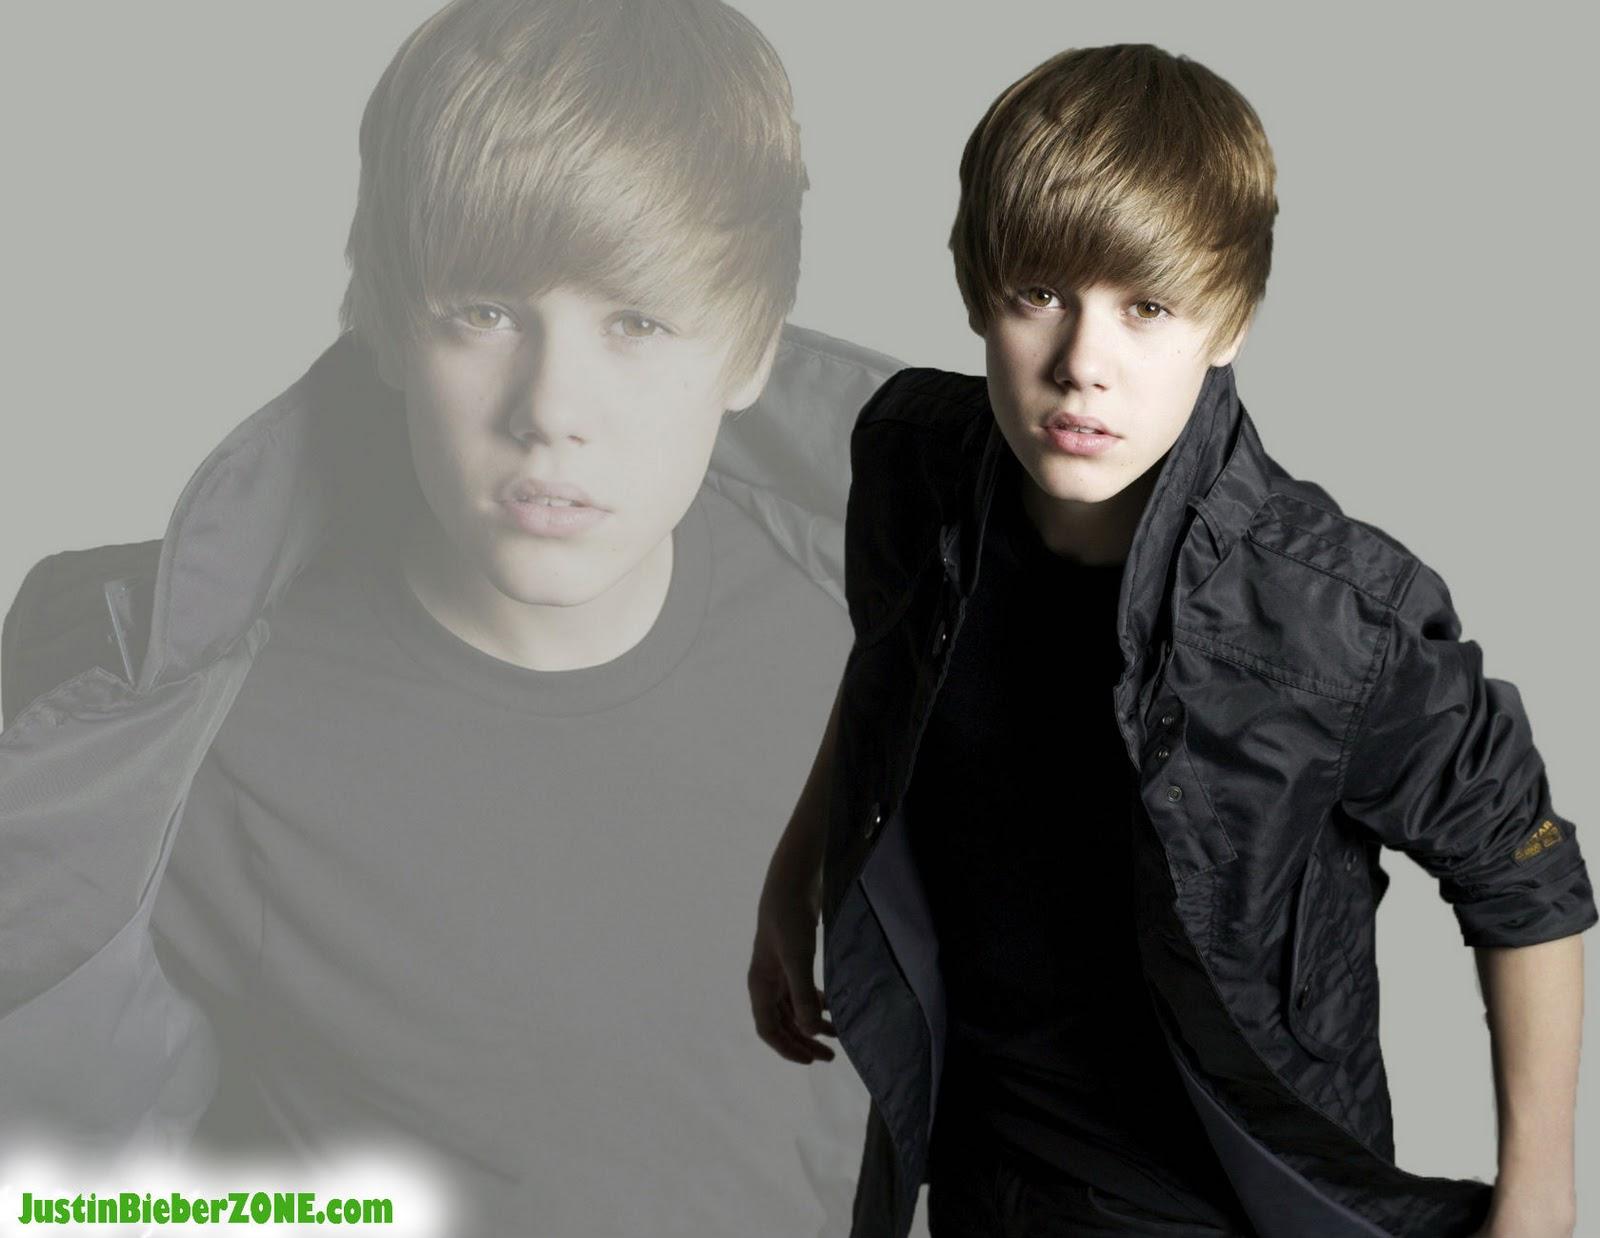 http://2.bp.blogspot.com/-MbkmQ6daVrE/TnPigttzkYI/AAAAAAAADck/FAUnOXJDqPQ/s1600/Justin-Bieber-Wallpaper-2011-21.jpg